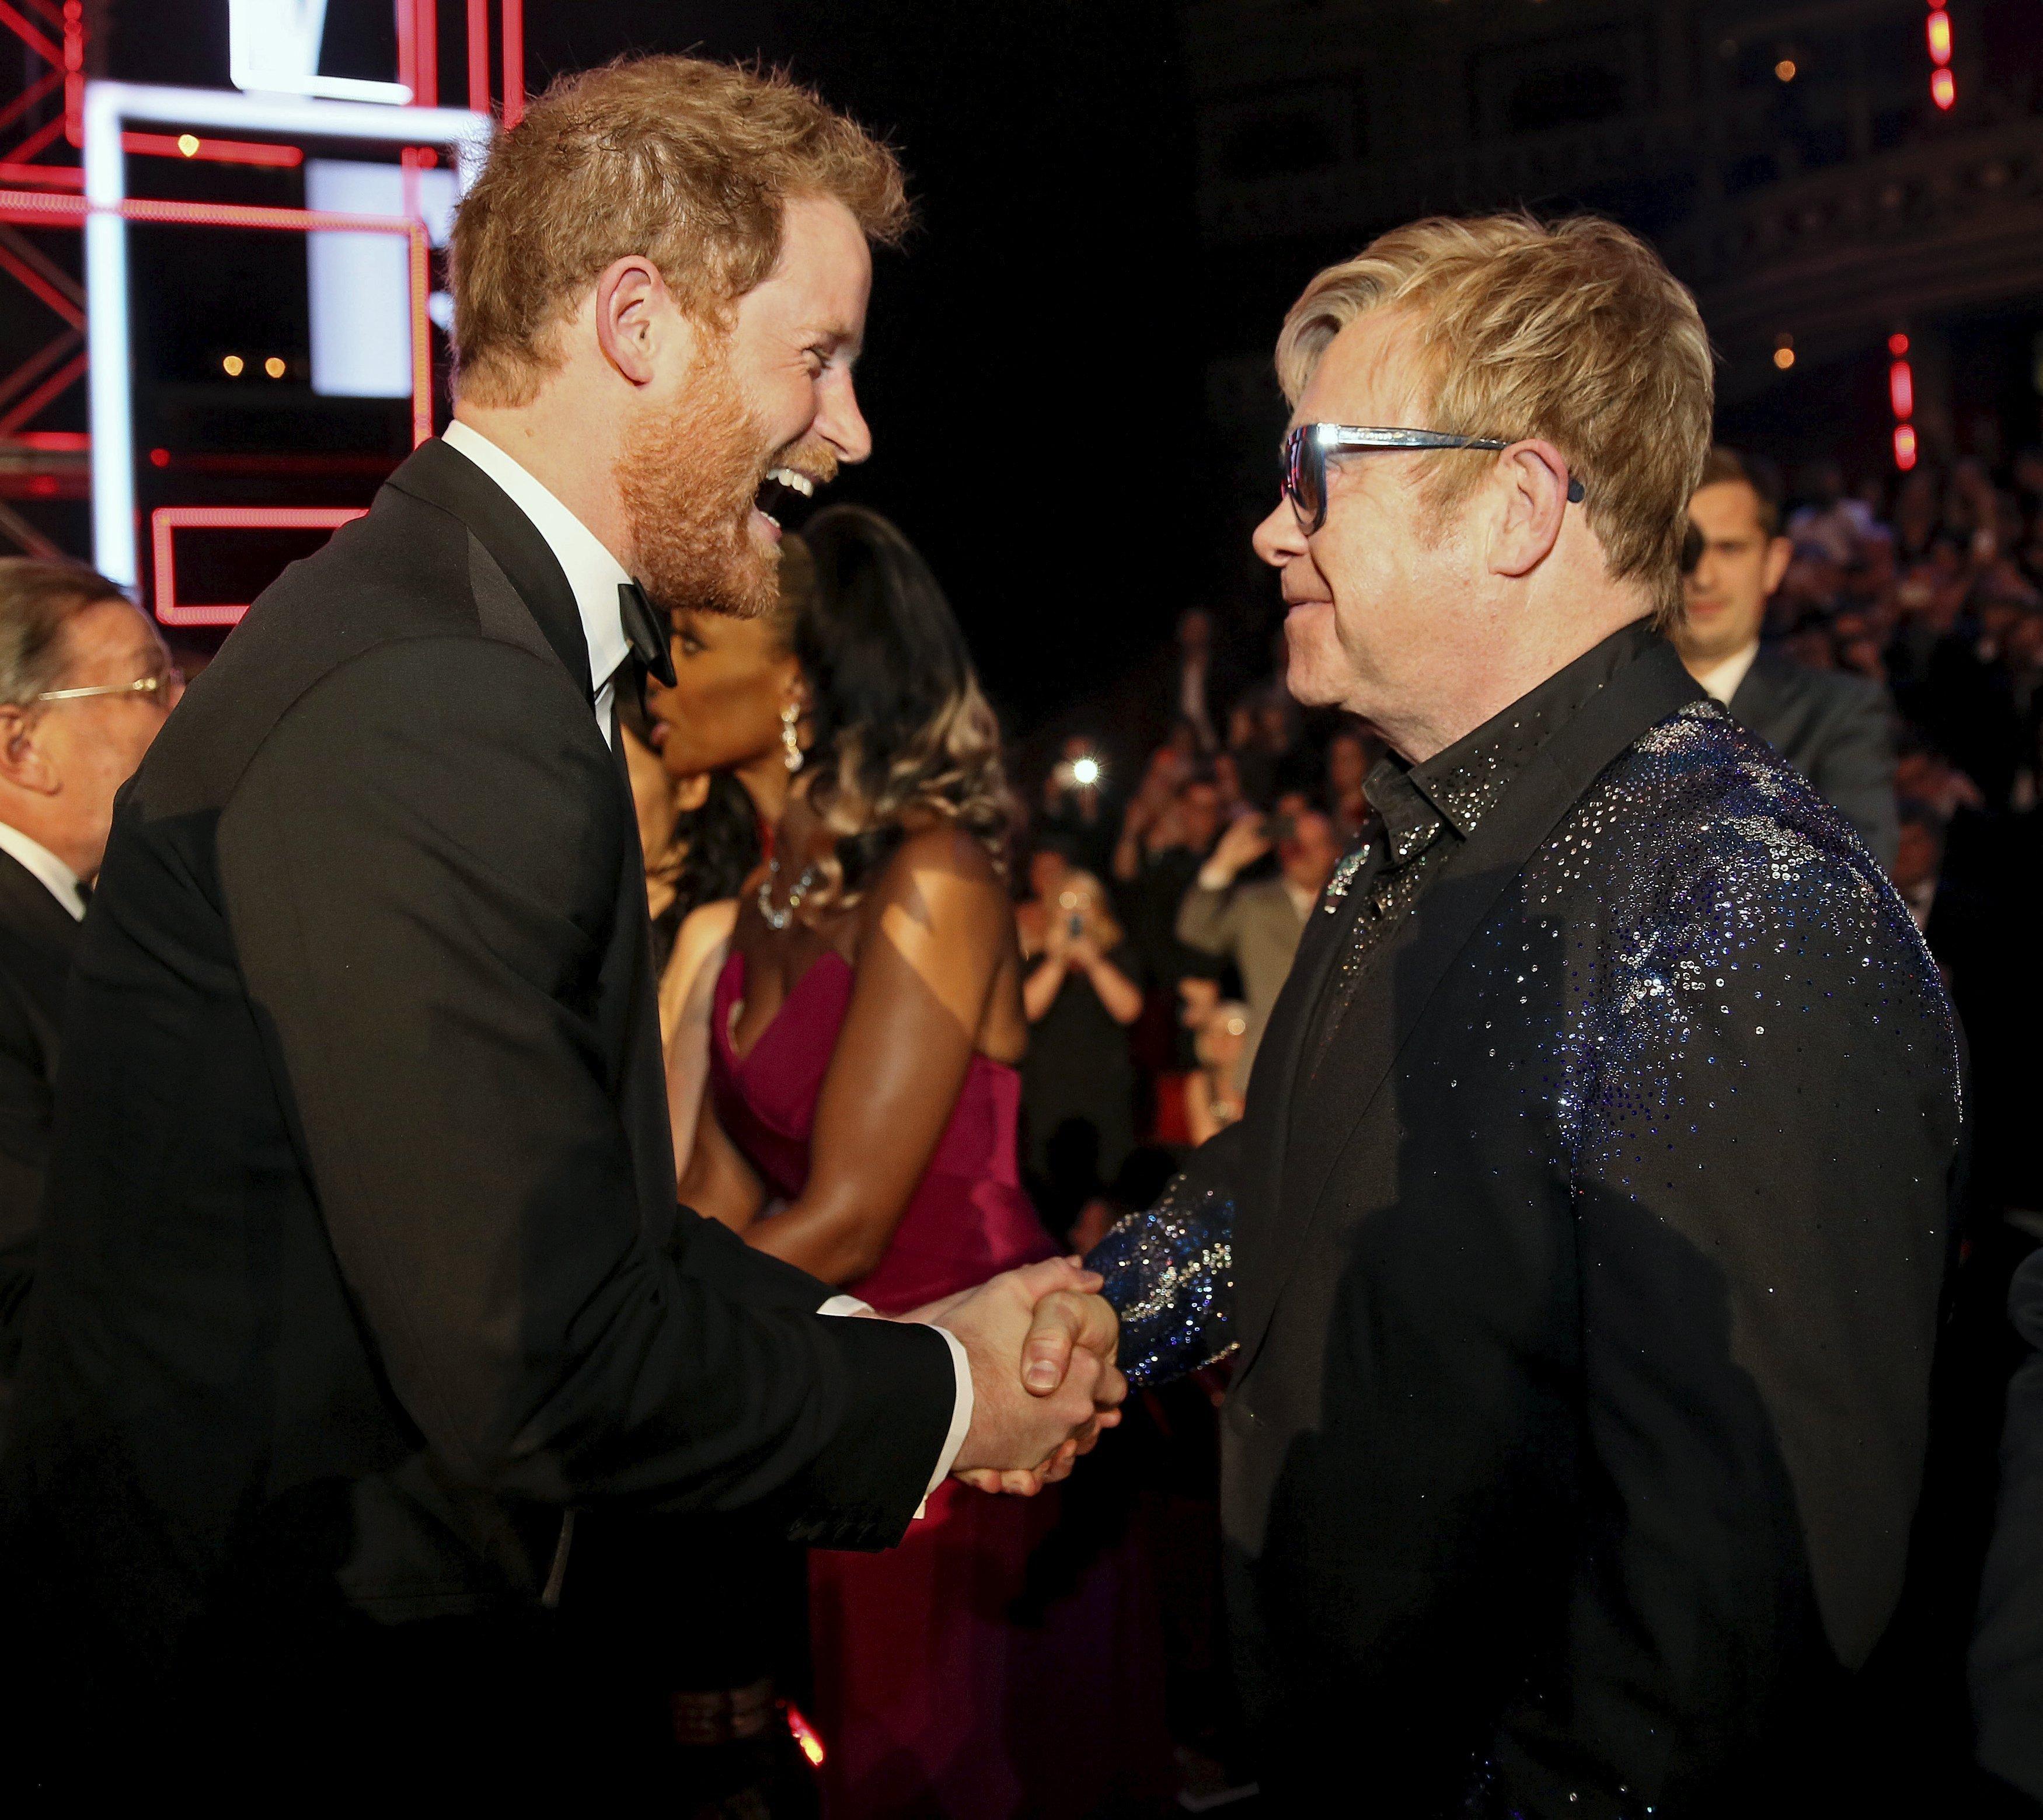 «Είμαι ερωτευμένος!». Ο Elton John θυμάται τη στιγμή που ο πρίγκιπας Harry αποκάλυψε τον έρωτά του